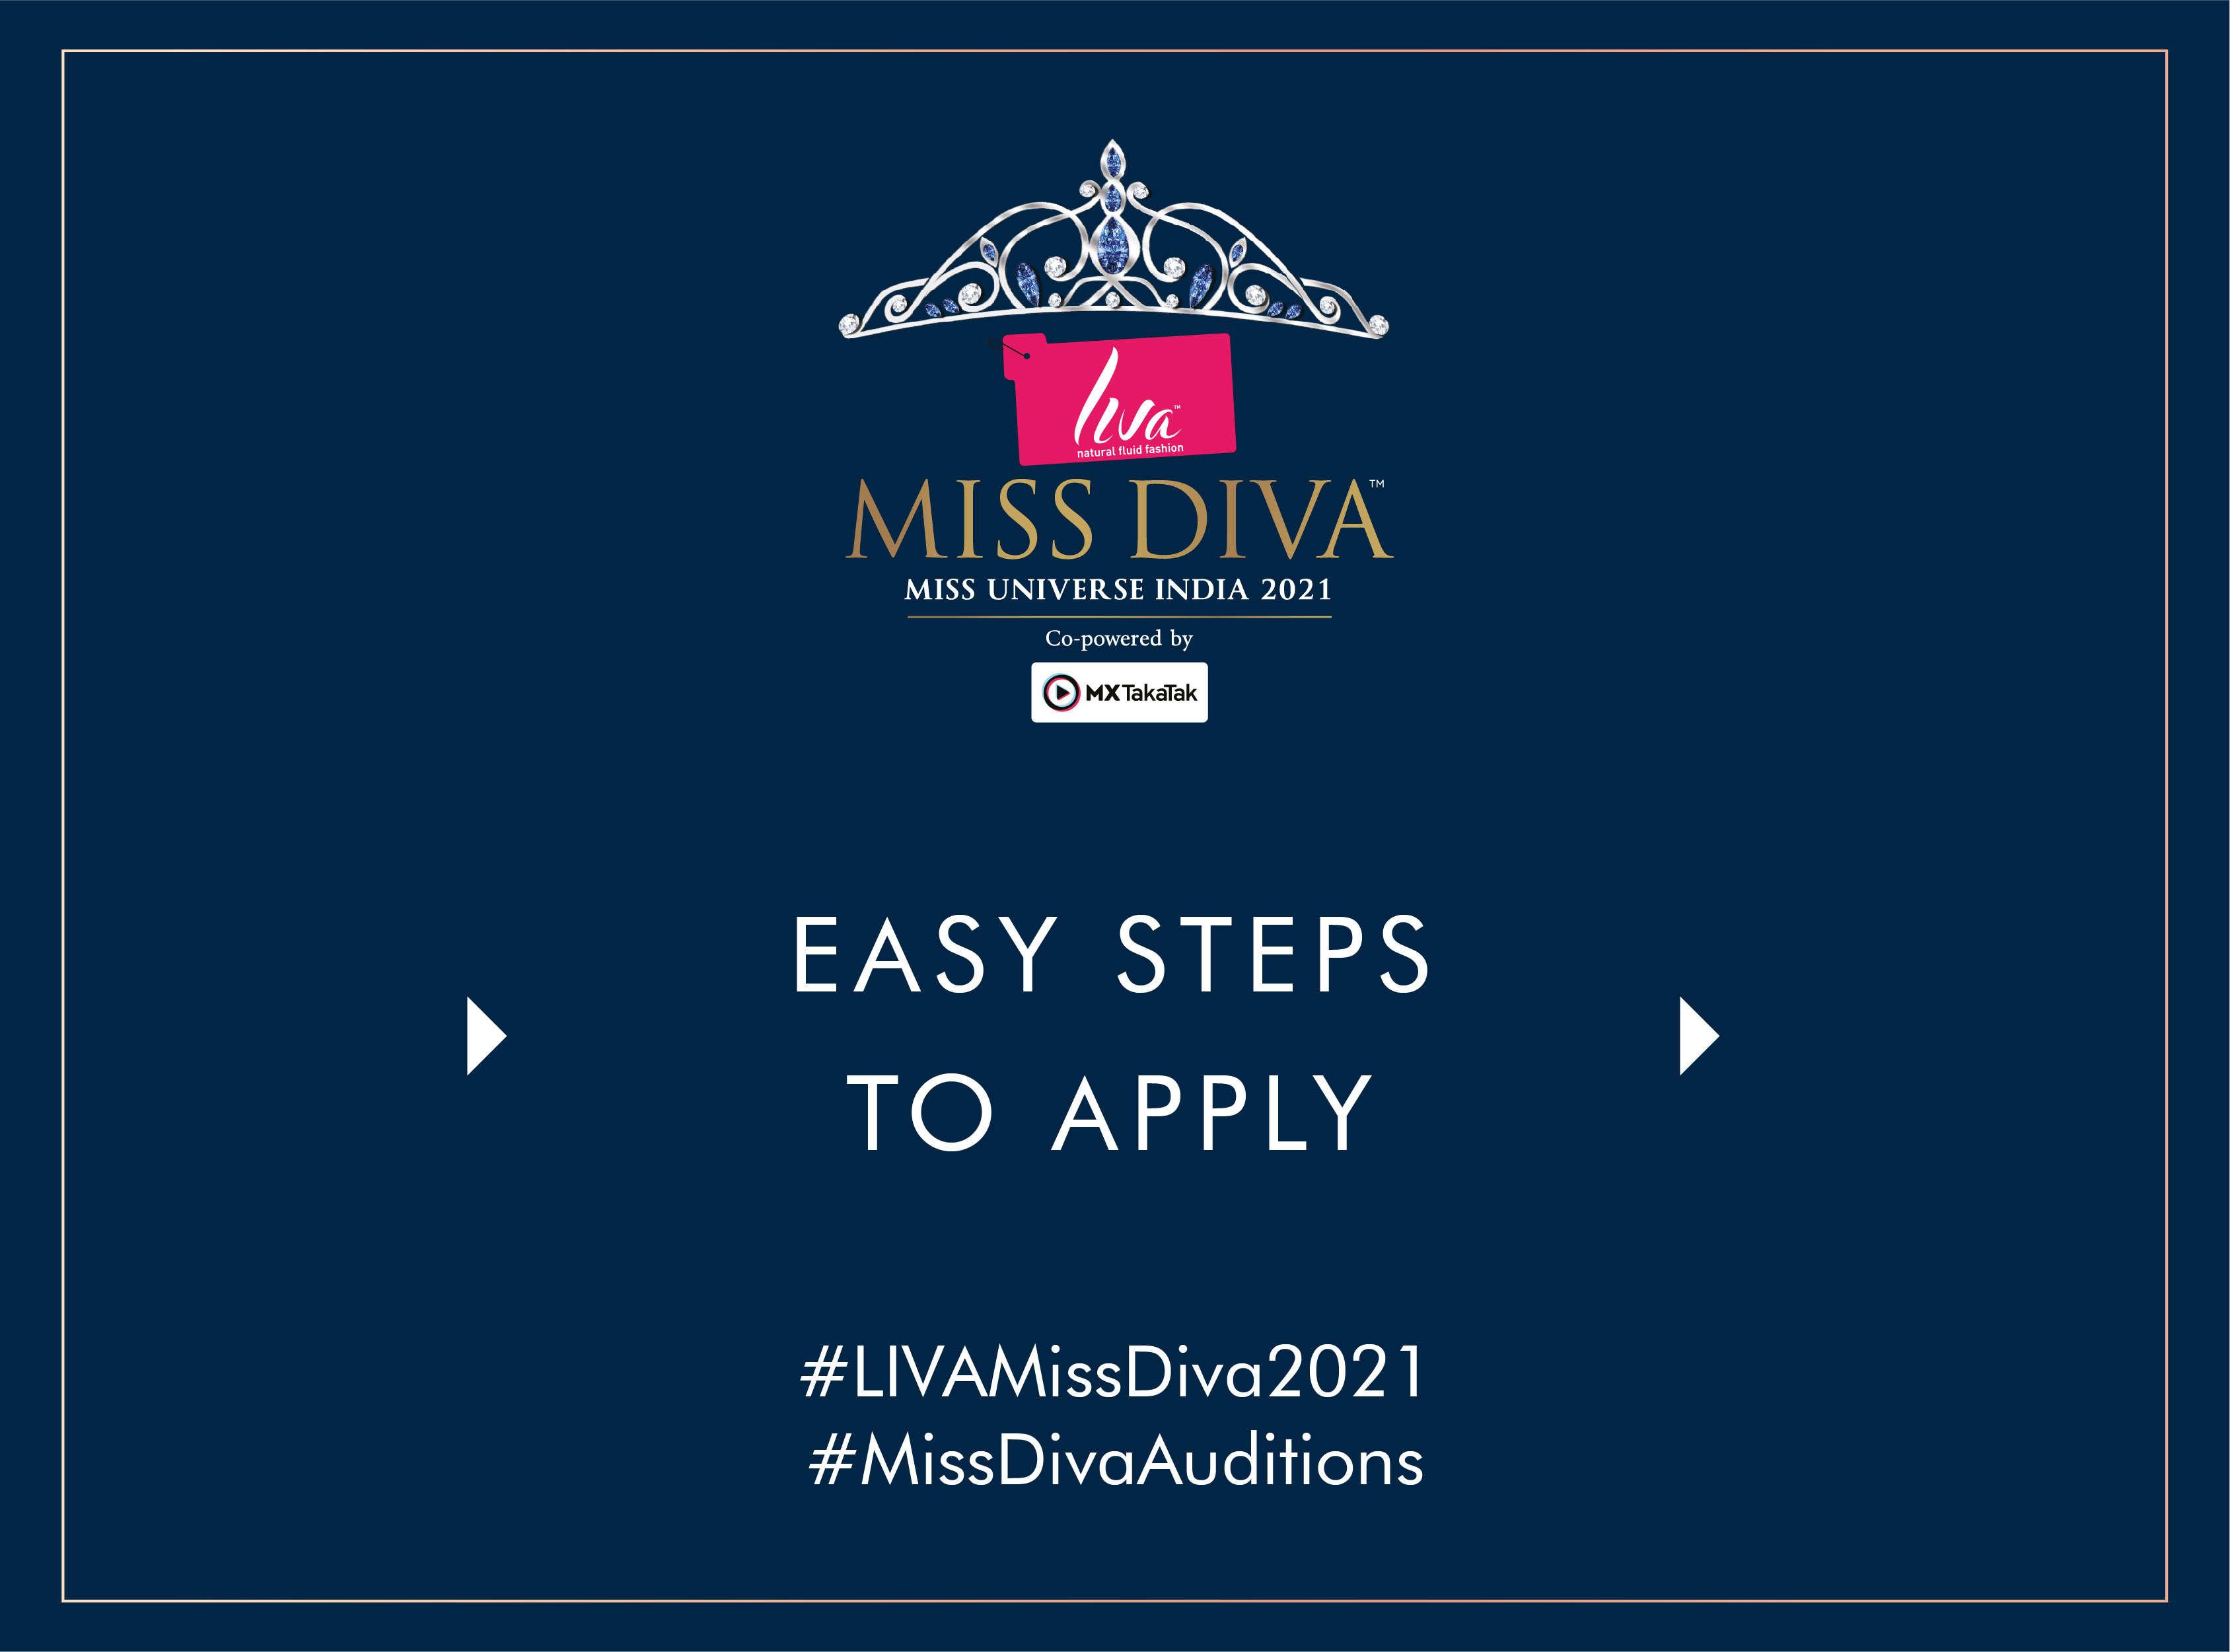 Steps to register for LIVA Miss Diva 2021